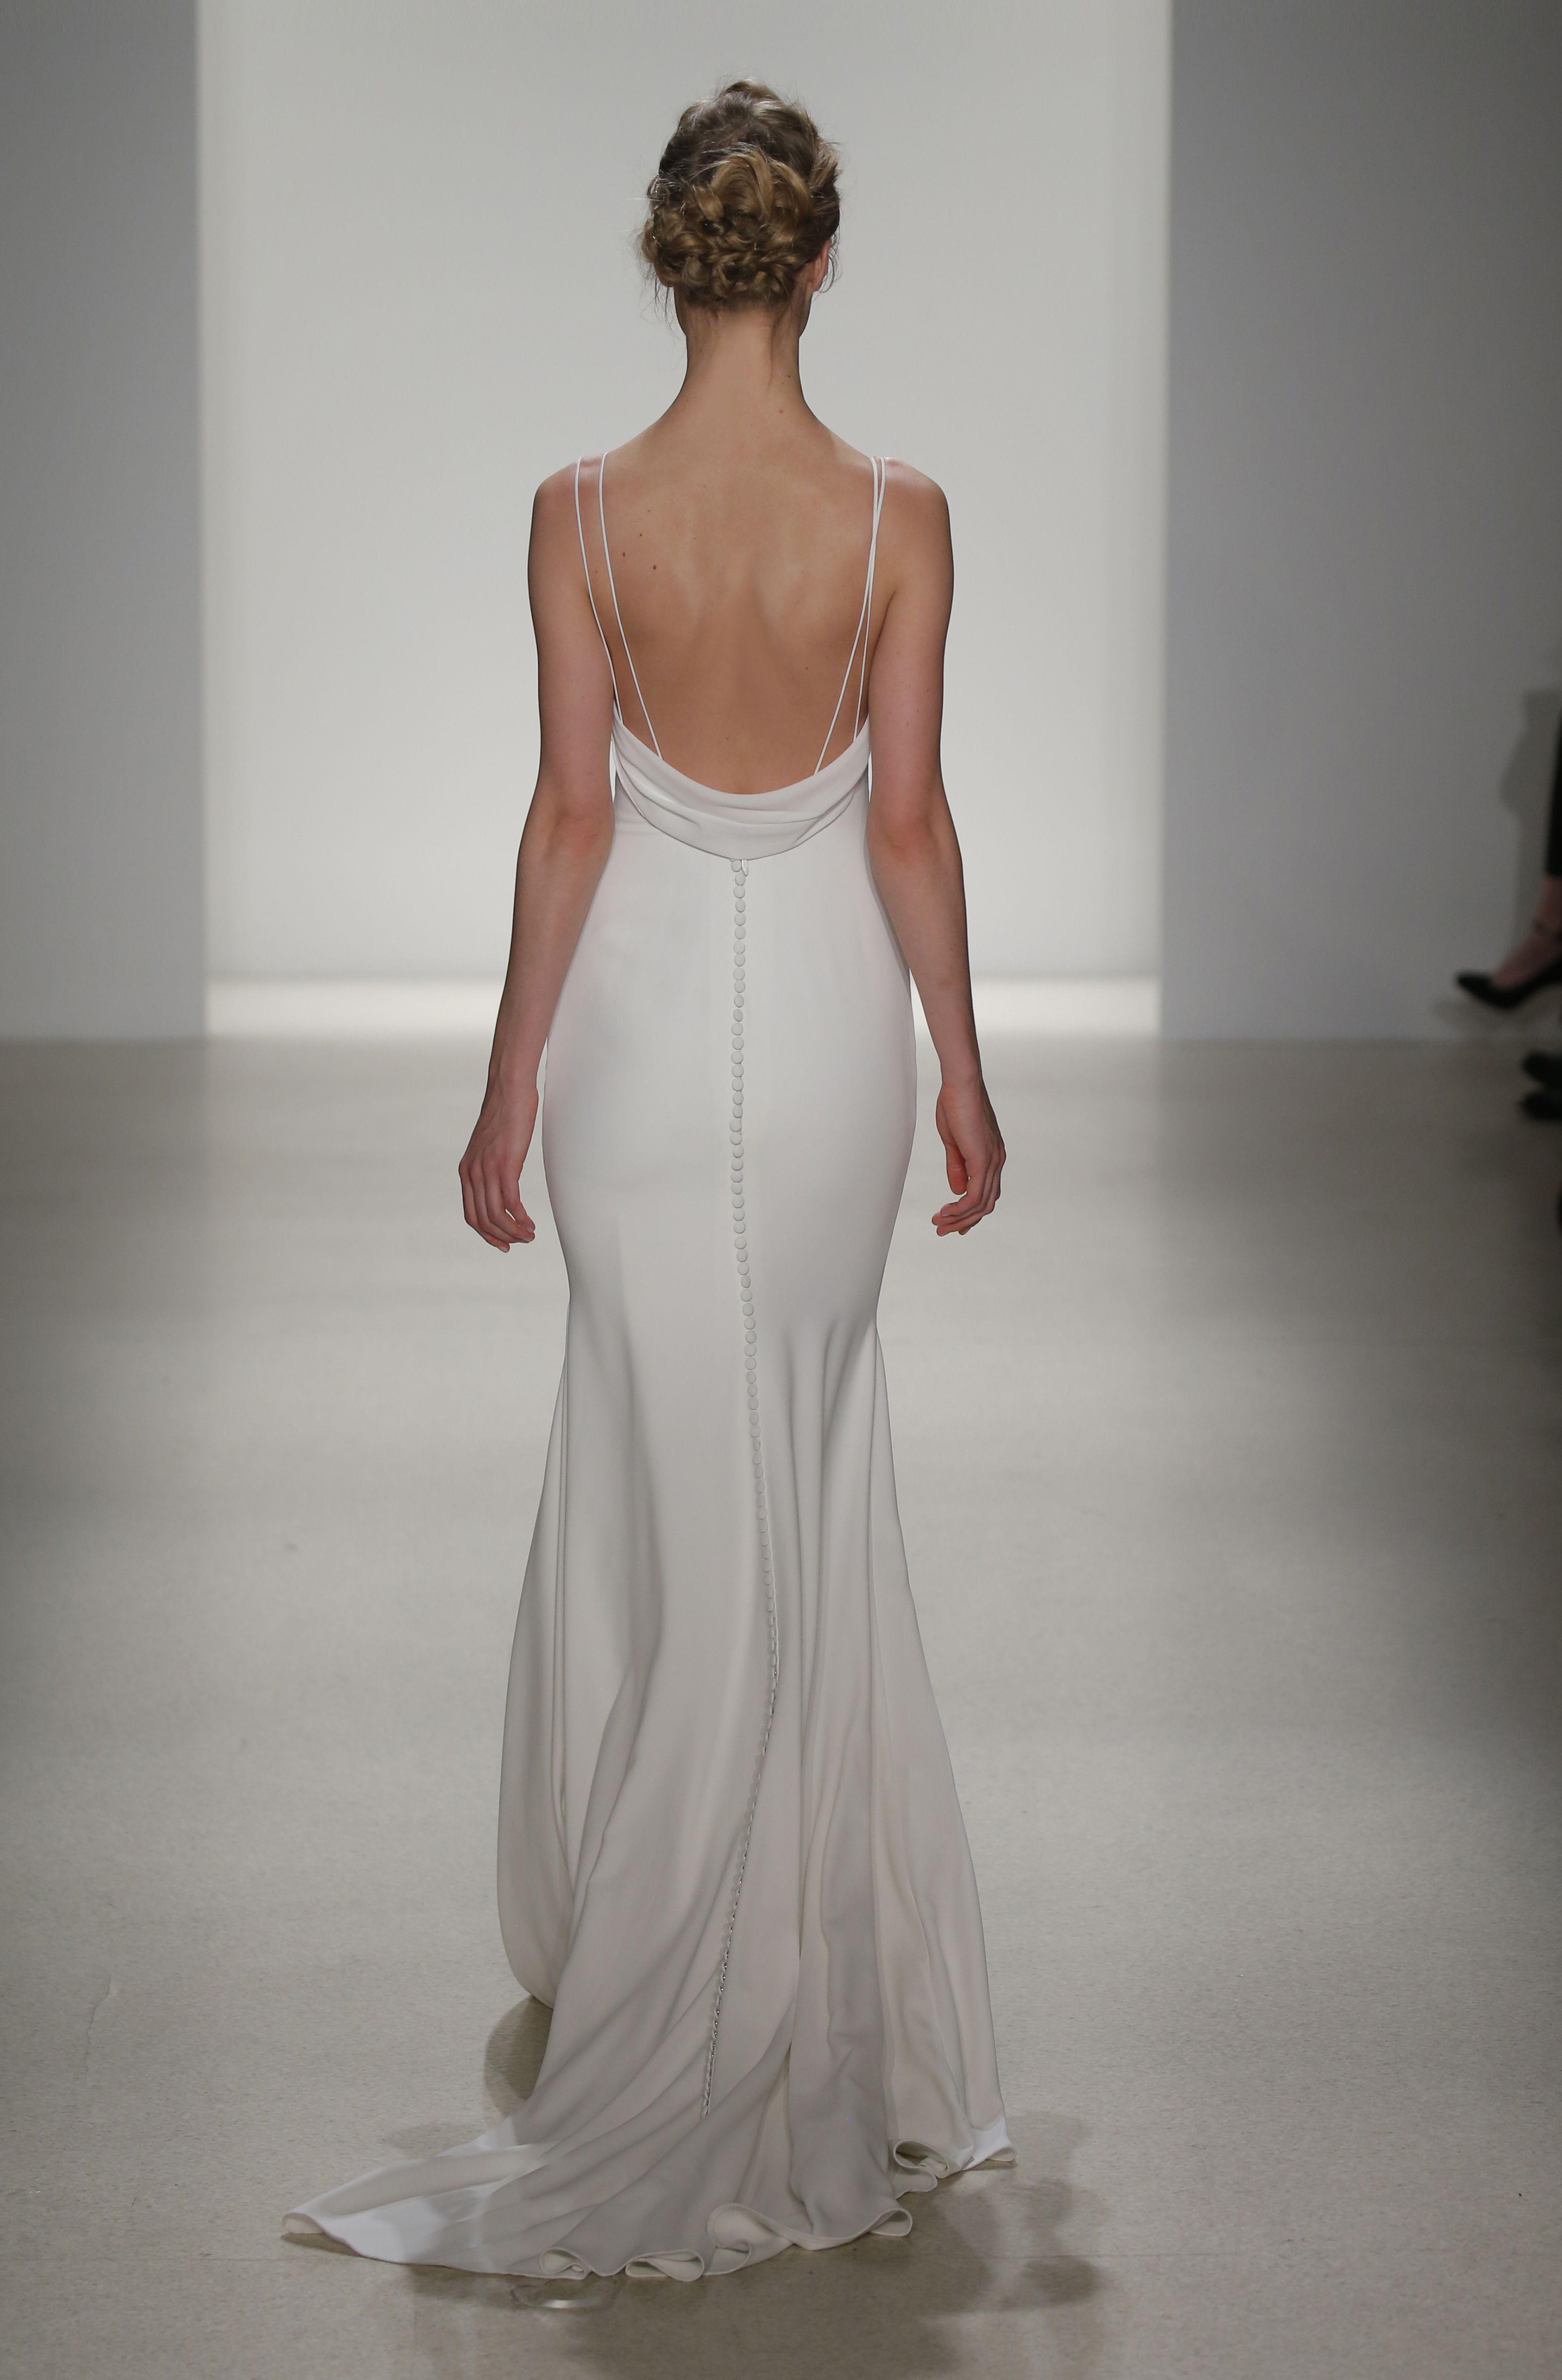 Tamora Wedding Dress Kelly Faetanini Silk Crepe Wedding Dress Wedding Dresses Kelly Faetanini [ 4800 x 3150 Pixel ]